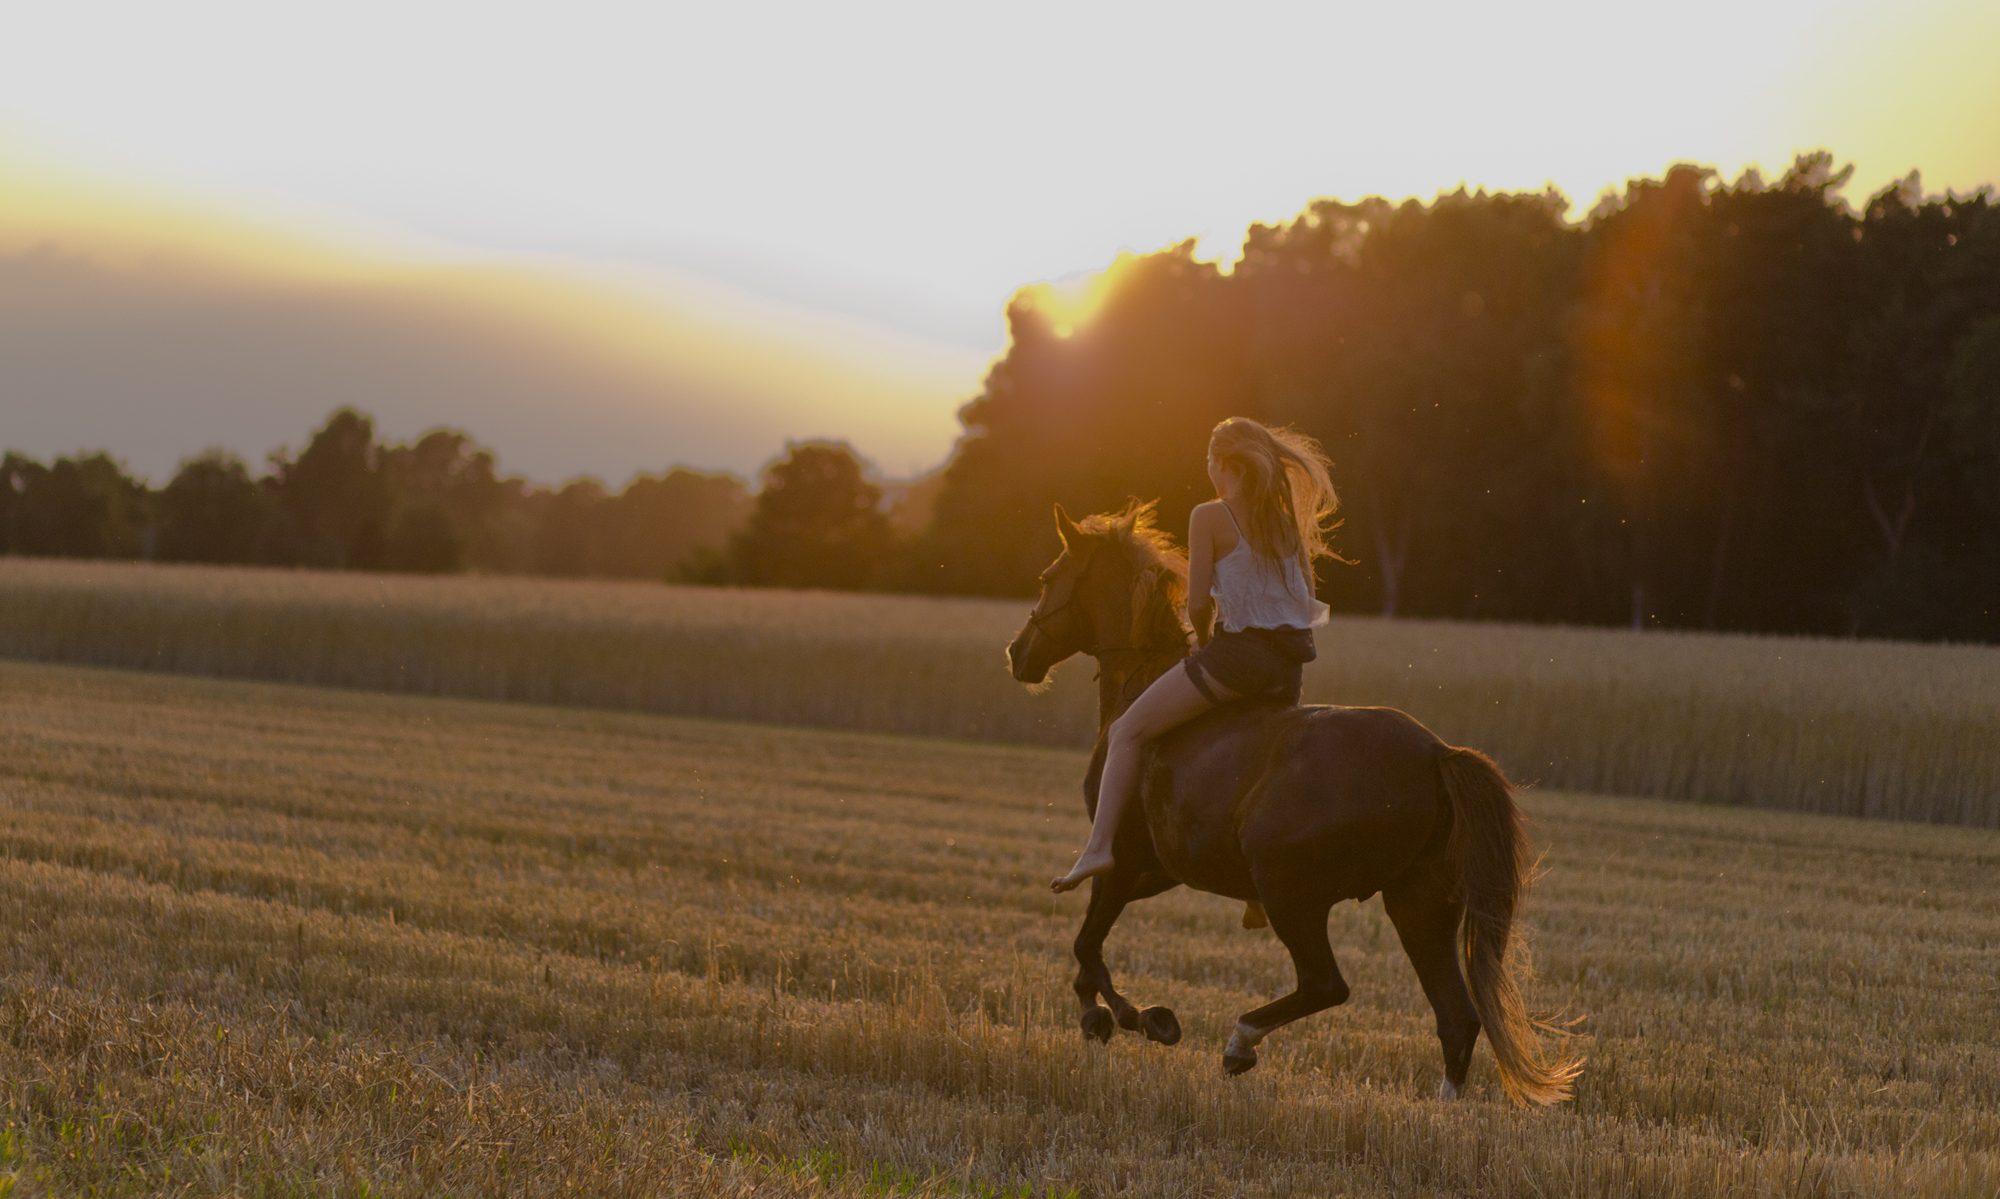 """Wir bieten hier einen Ort, wo es nicht nur um """"Reiten lernen"""" geht, sondern um Übernahme von Verantwortung und Entwicklung der Persönlichkeit eines jeden. Unsere Pferde sind wertvolle Lehrer für´s Leben. Unseren Schülern lehren wir respektvolles Miteinander im Sinne des """"Horsemanship""""."""